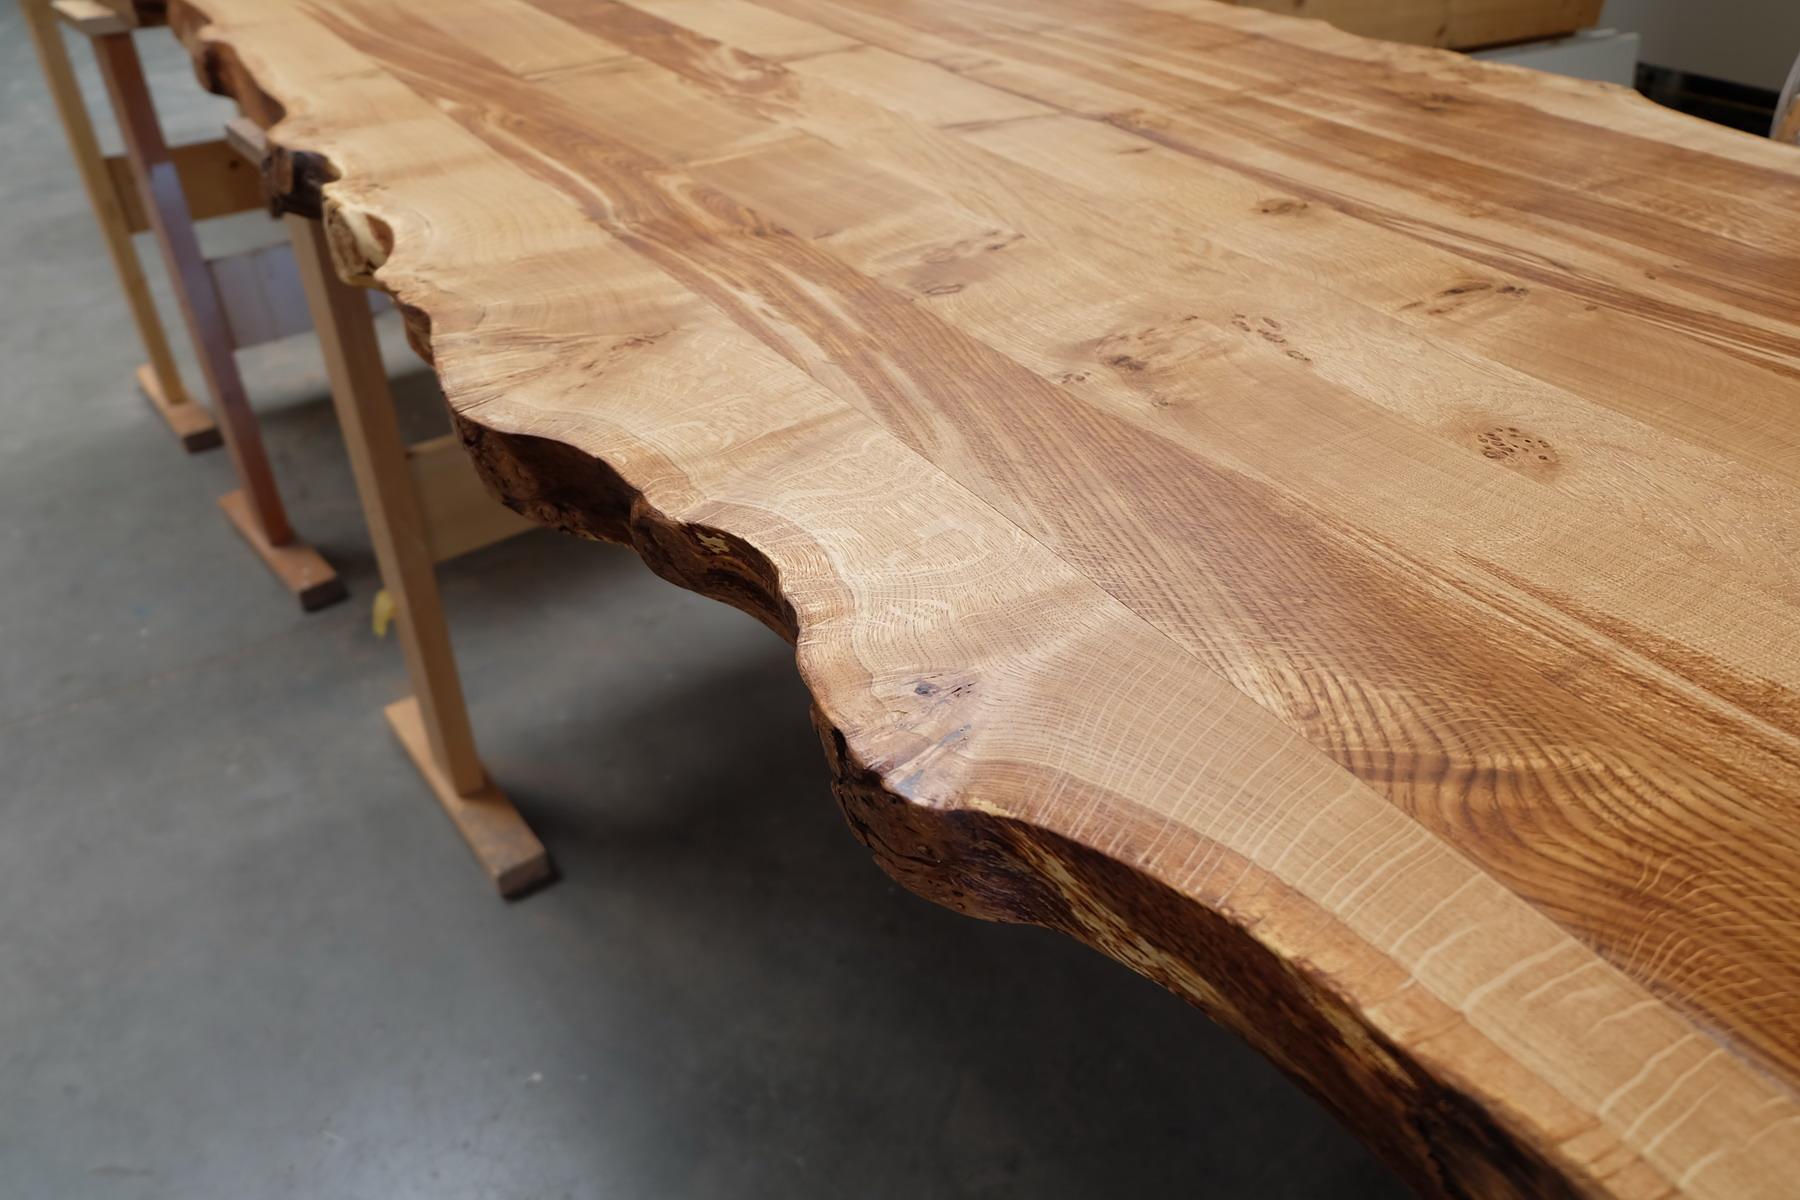 Tisch | Resch Innenausbau